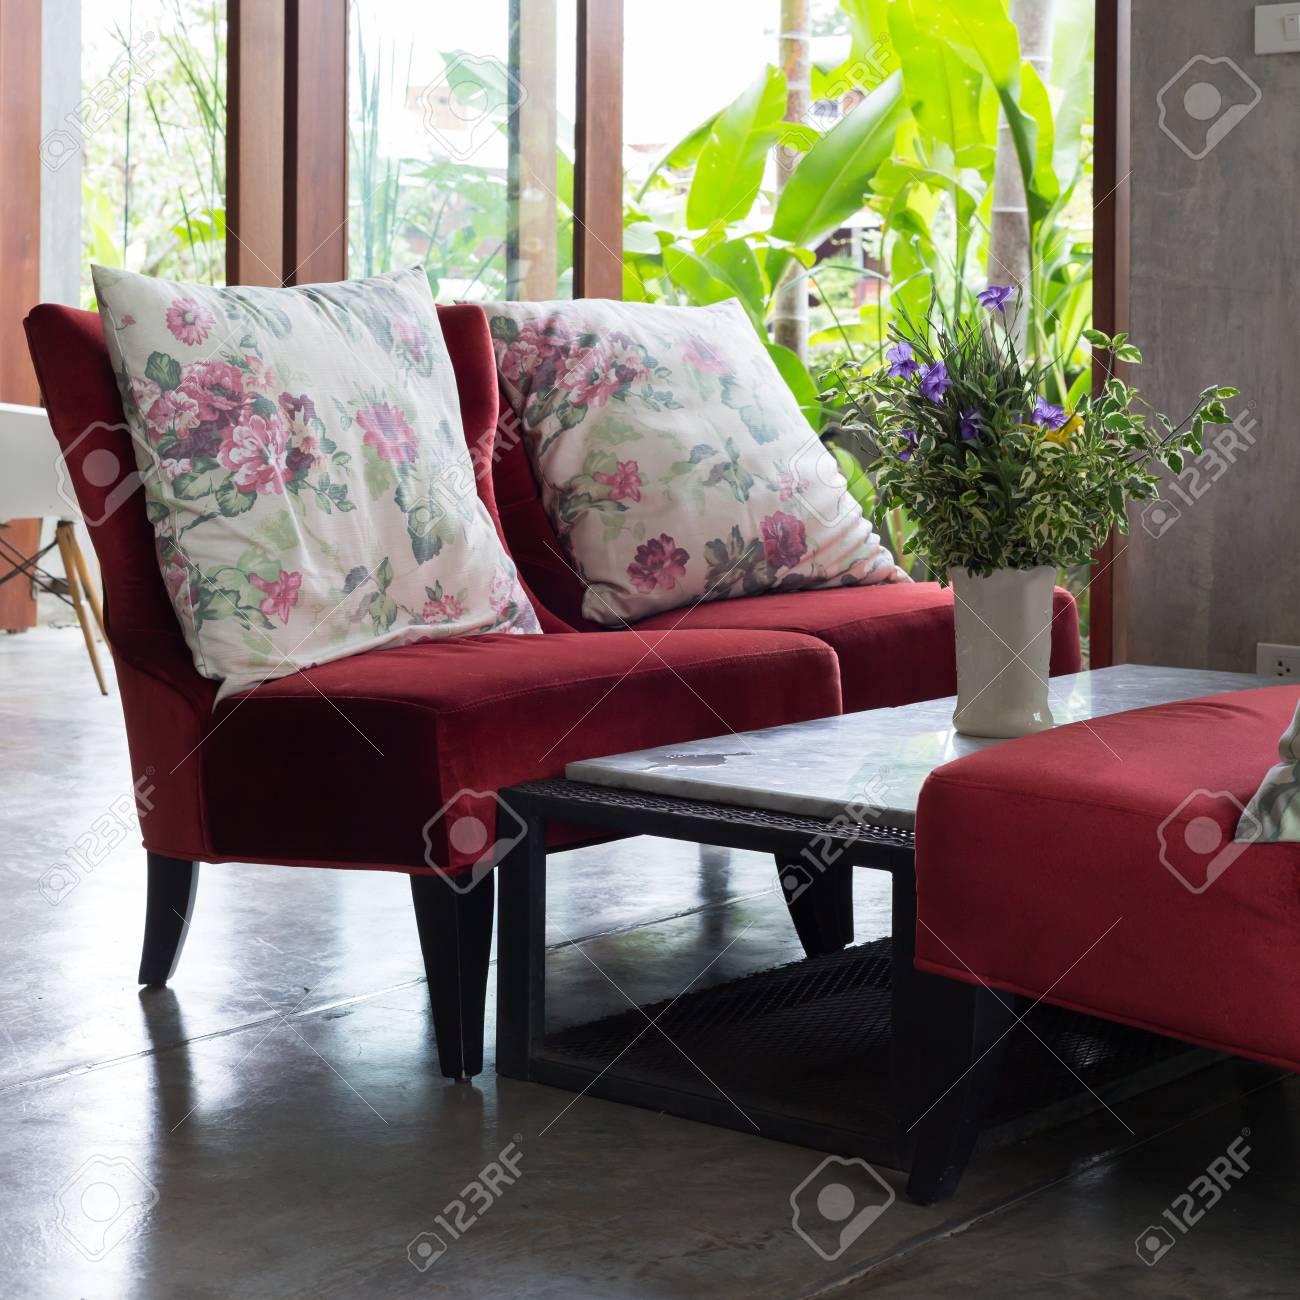 Innenarchitektur Wohnzimmer Modernen Stil Mit Roten Sofa Möbel  Standard Bild   63937738